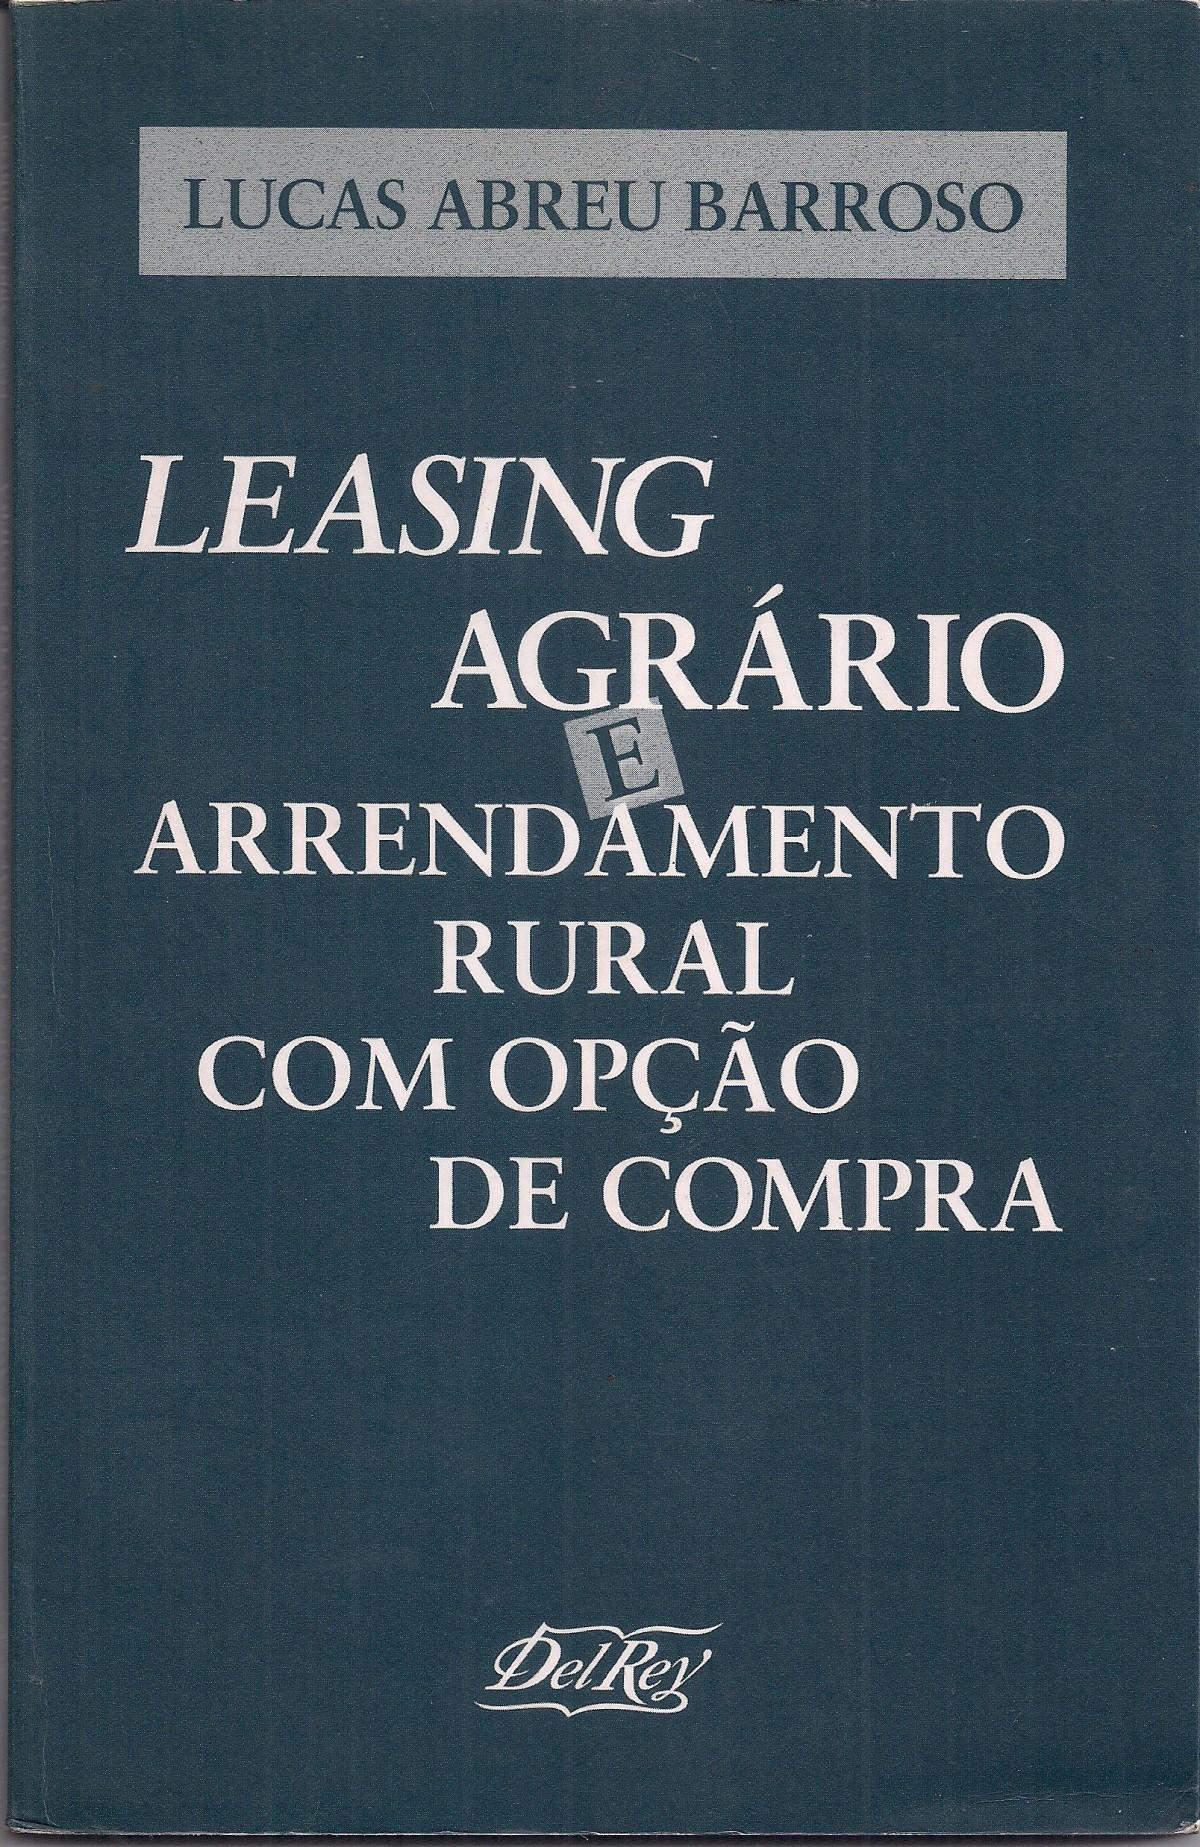 Foto 1 - Leasing Agrário e Arrendamento Rural como Opção de Compra